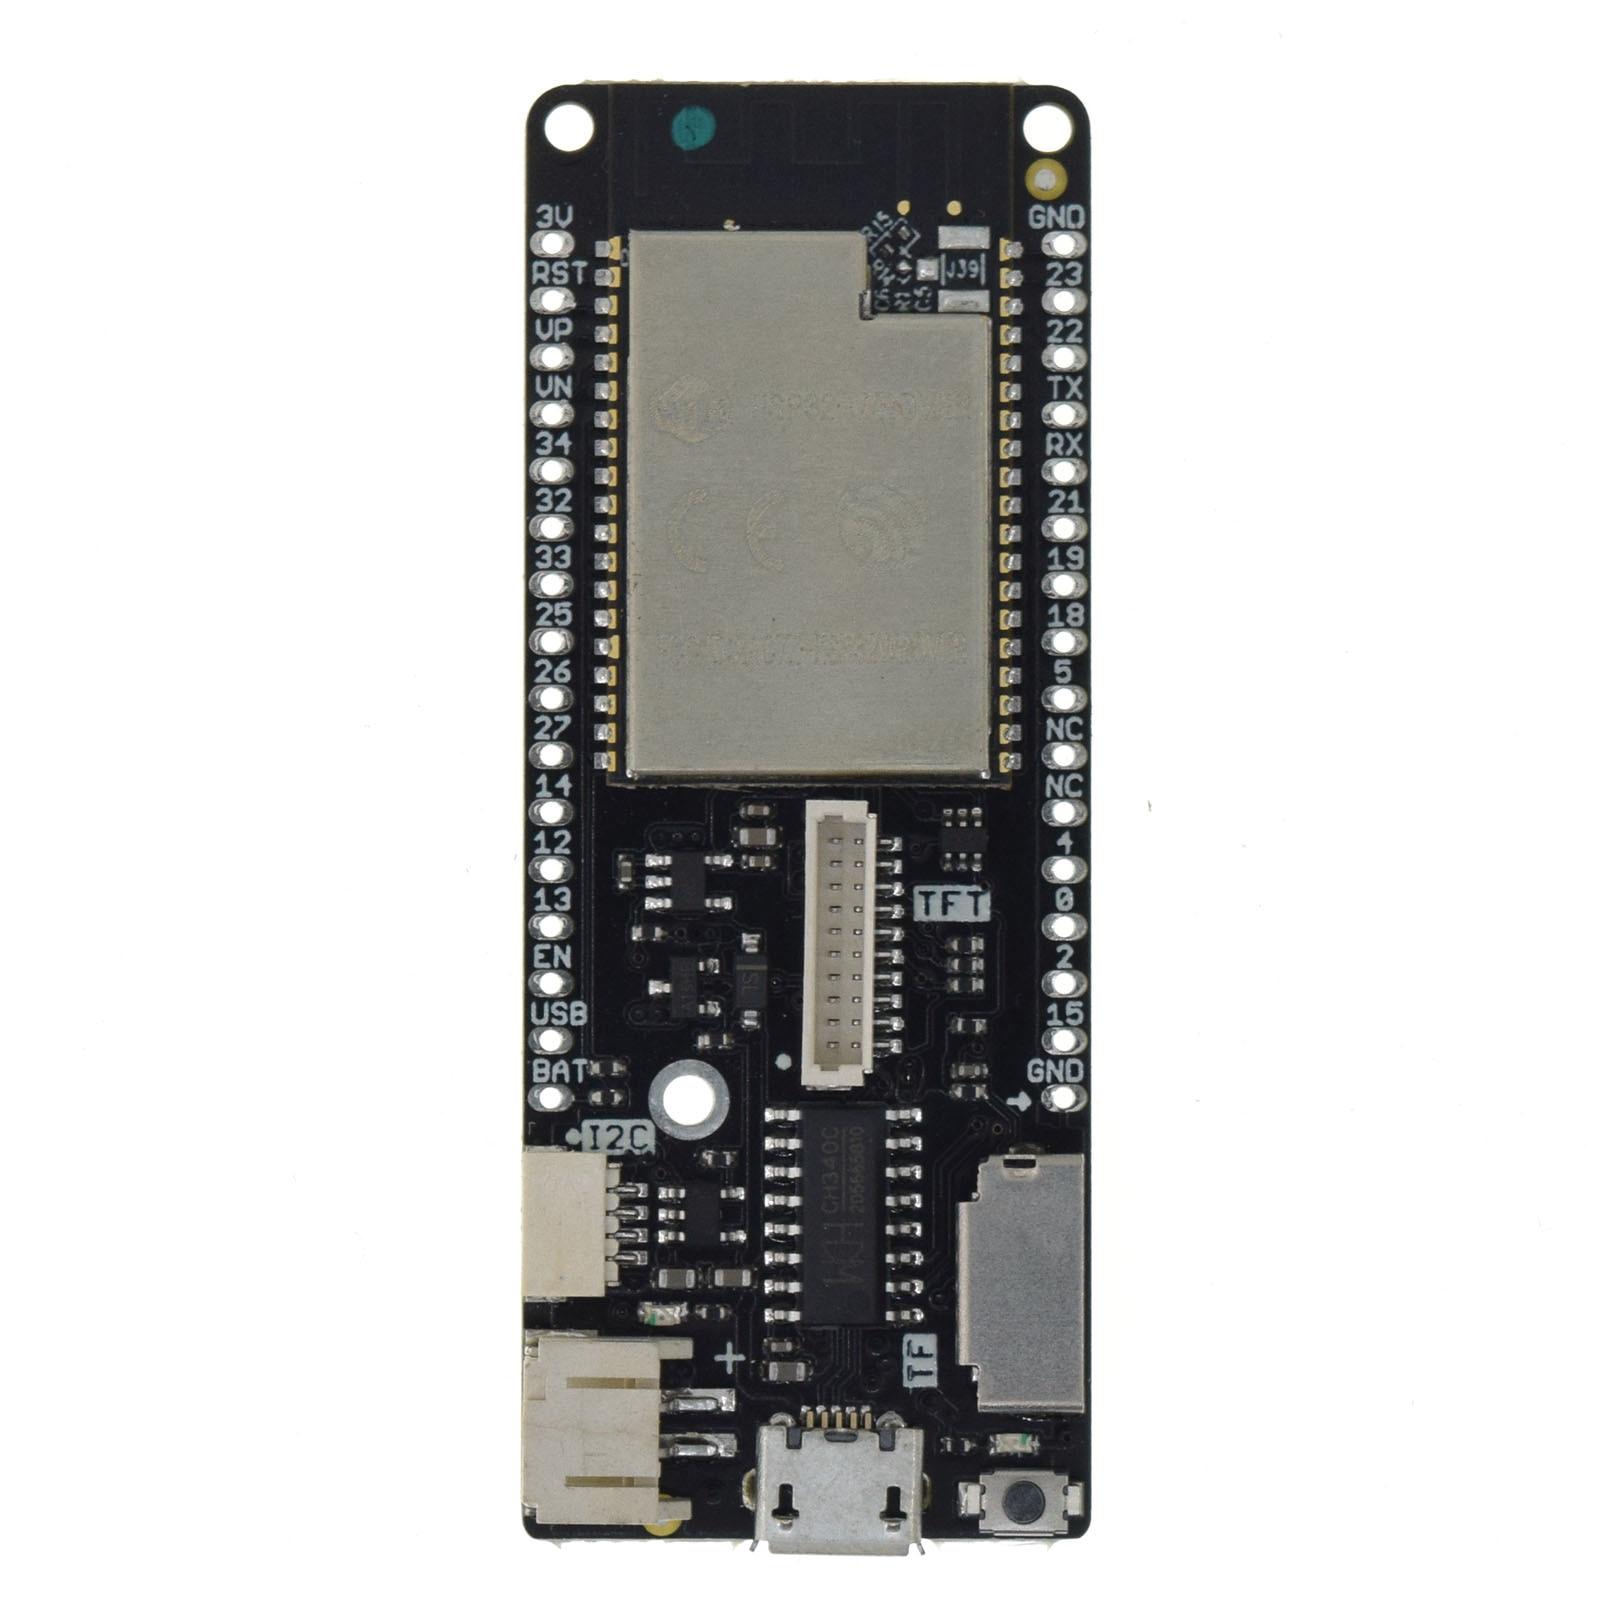 Lolin d32 pro v2.0.0-wifi & placa bluetooth baseado em ESP-32 esp32 rev1 ESP32-WROVER 16 mb 8 mb 4 mb flash psram micropython